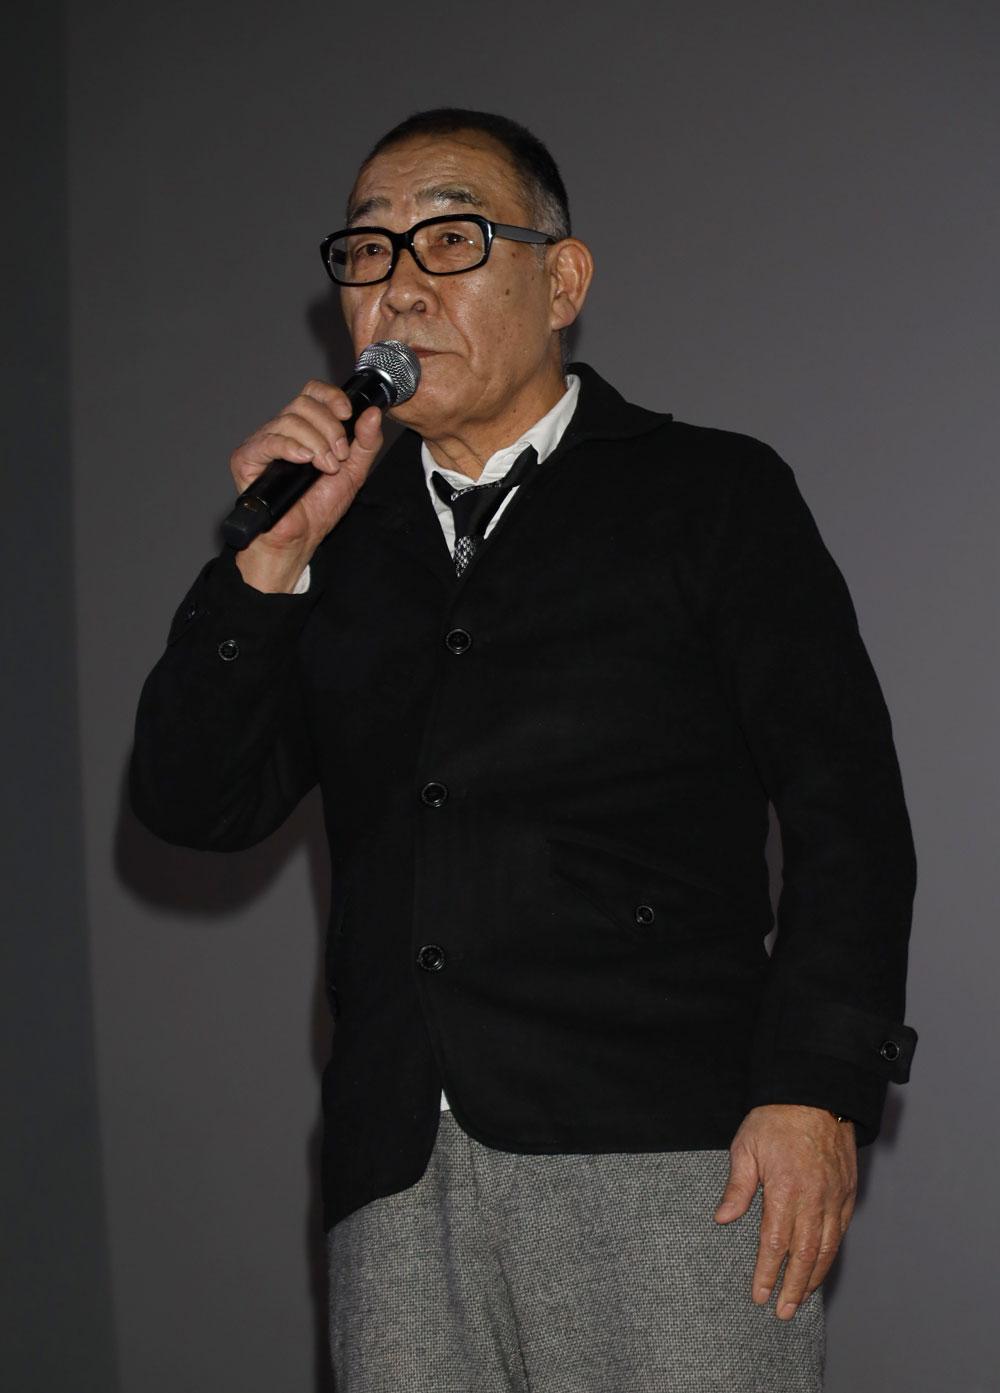 画像4: 仲野太賀&衛藤美彩 ダブル主演の注目作『静かな雨』待望の公開。初の主演作公開に衛藤は「映画の魅力にどっぷりと浸かりました」